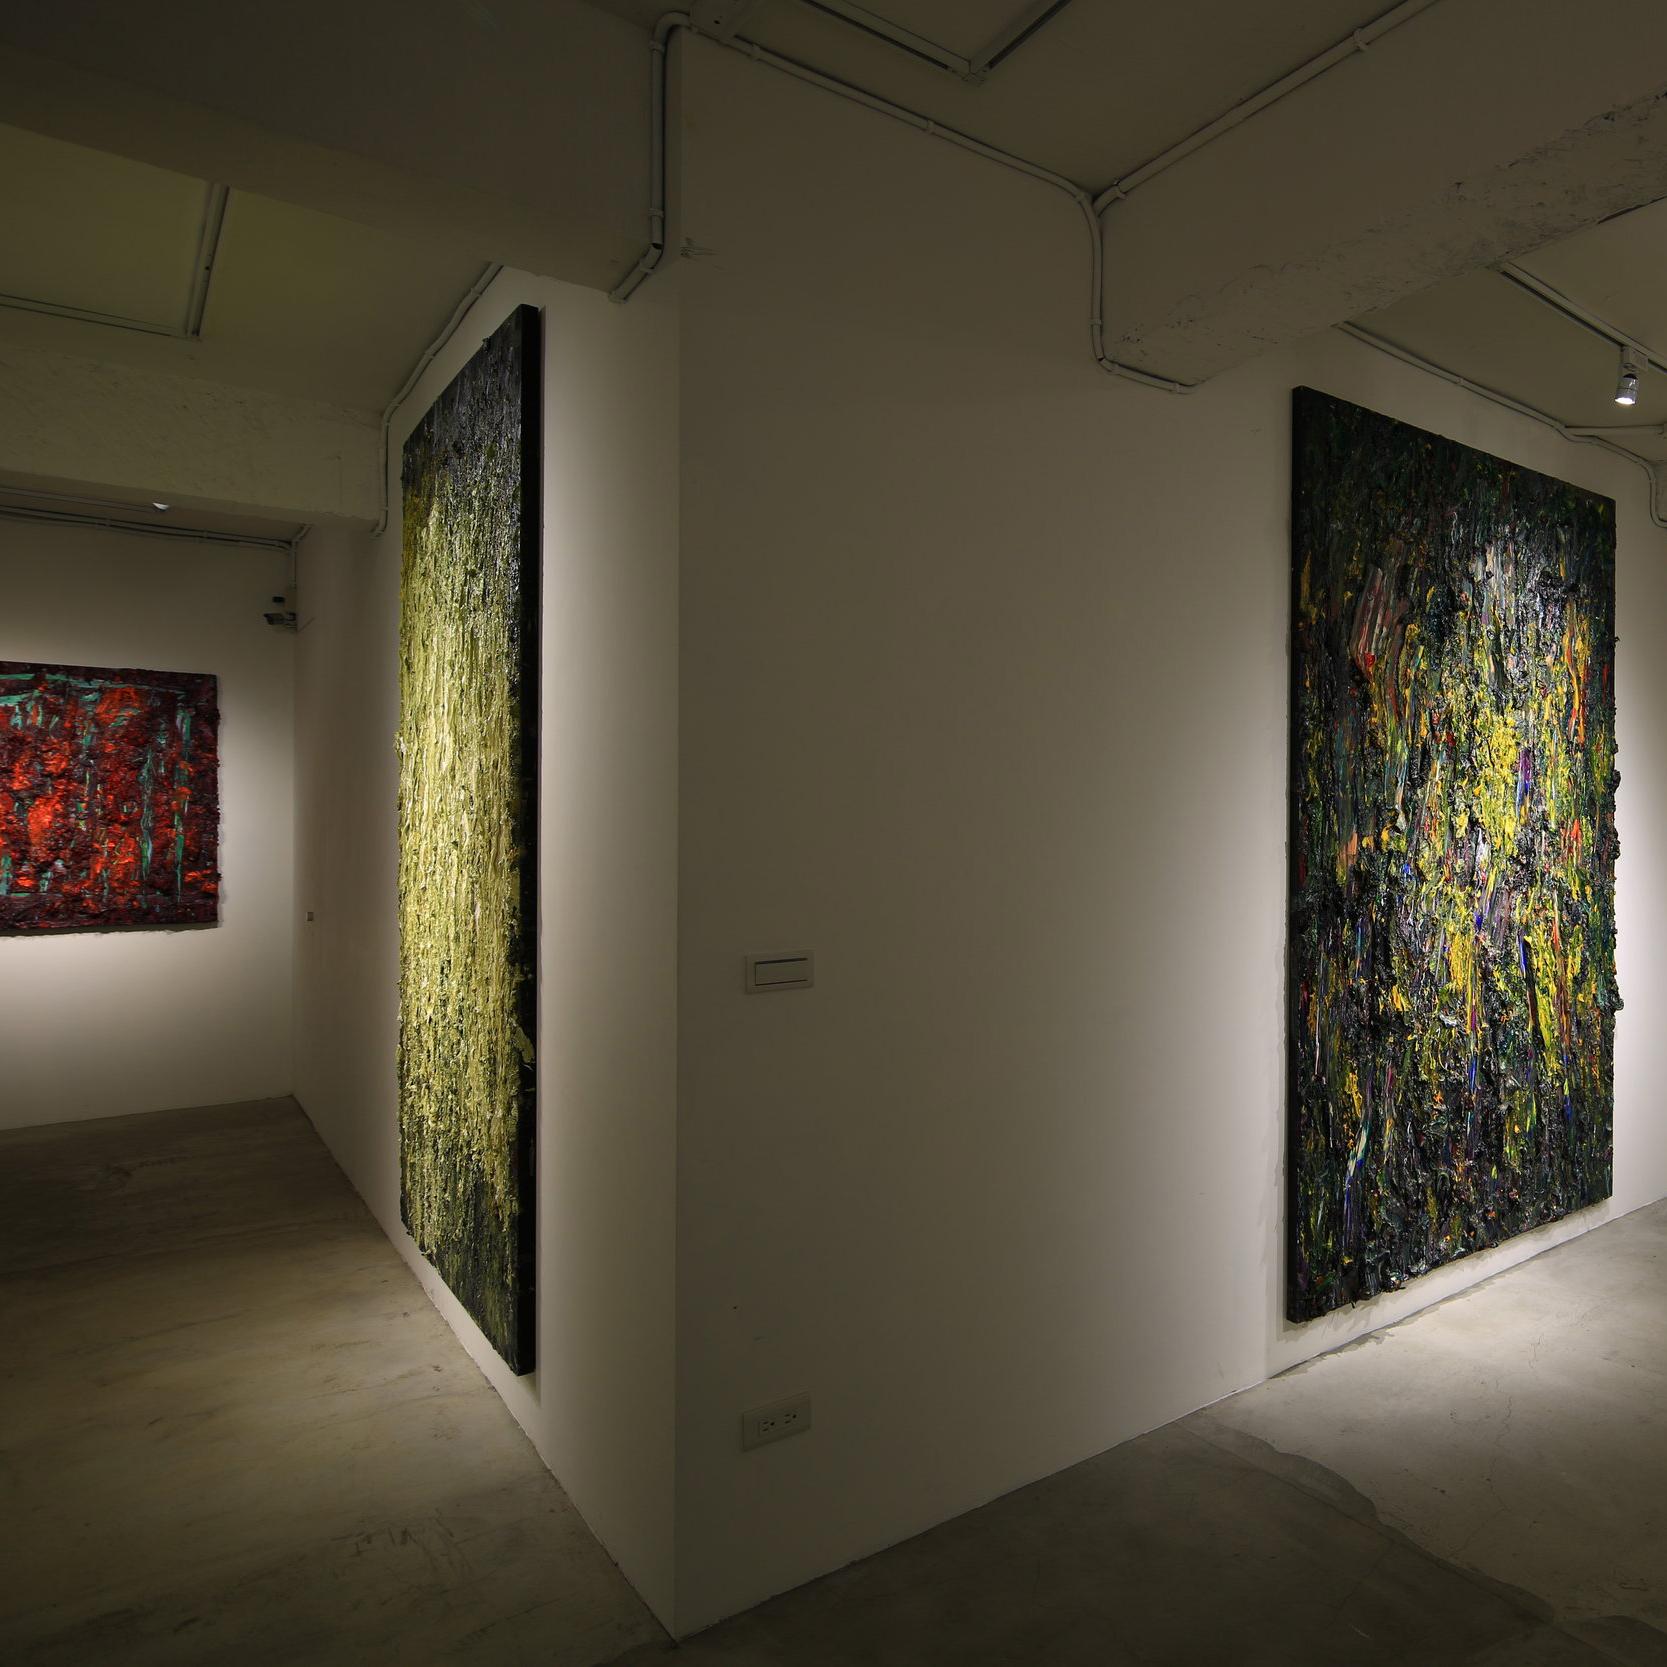 羅迪尼・狄克森:畫作  Rodney Dicskon: Painting    2015.01.09—03.15